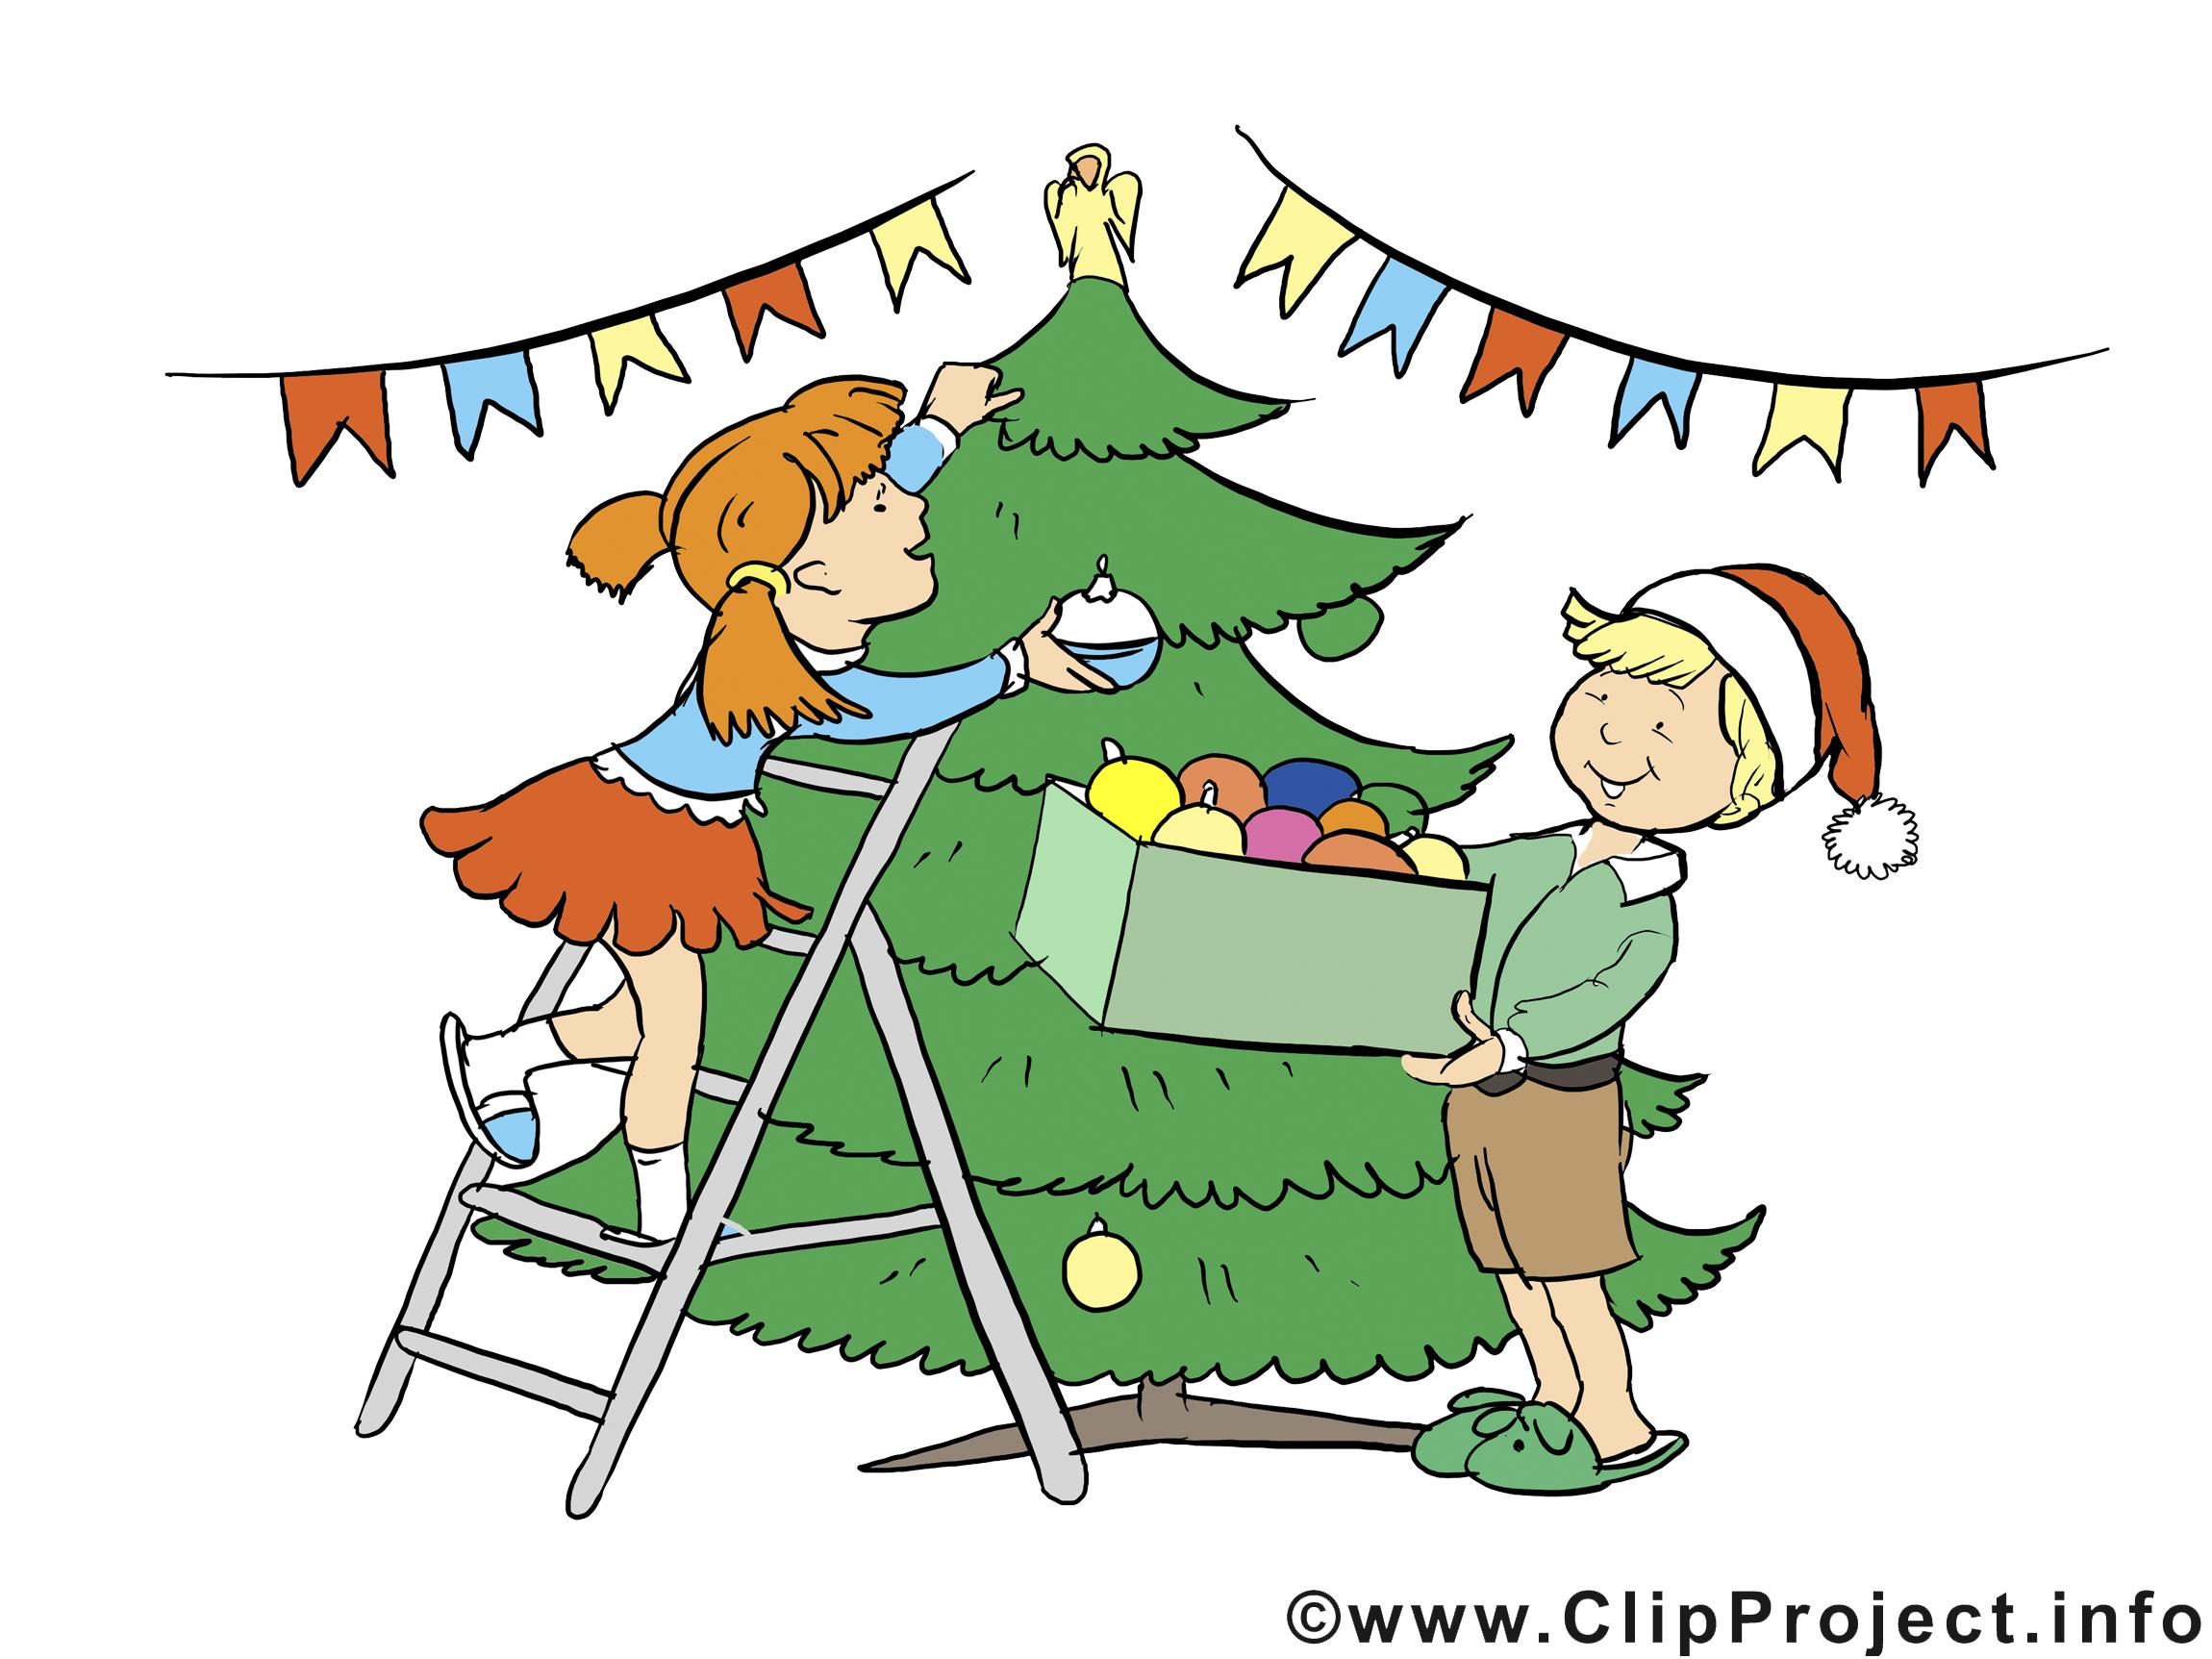 Enfants images – Bonne année dessins gratuits